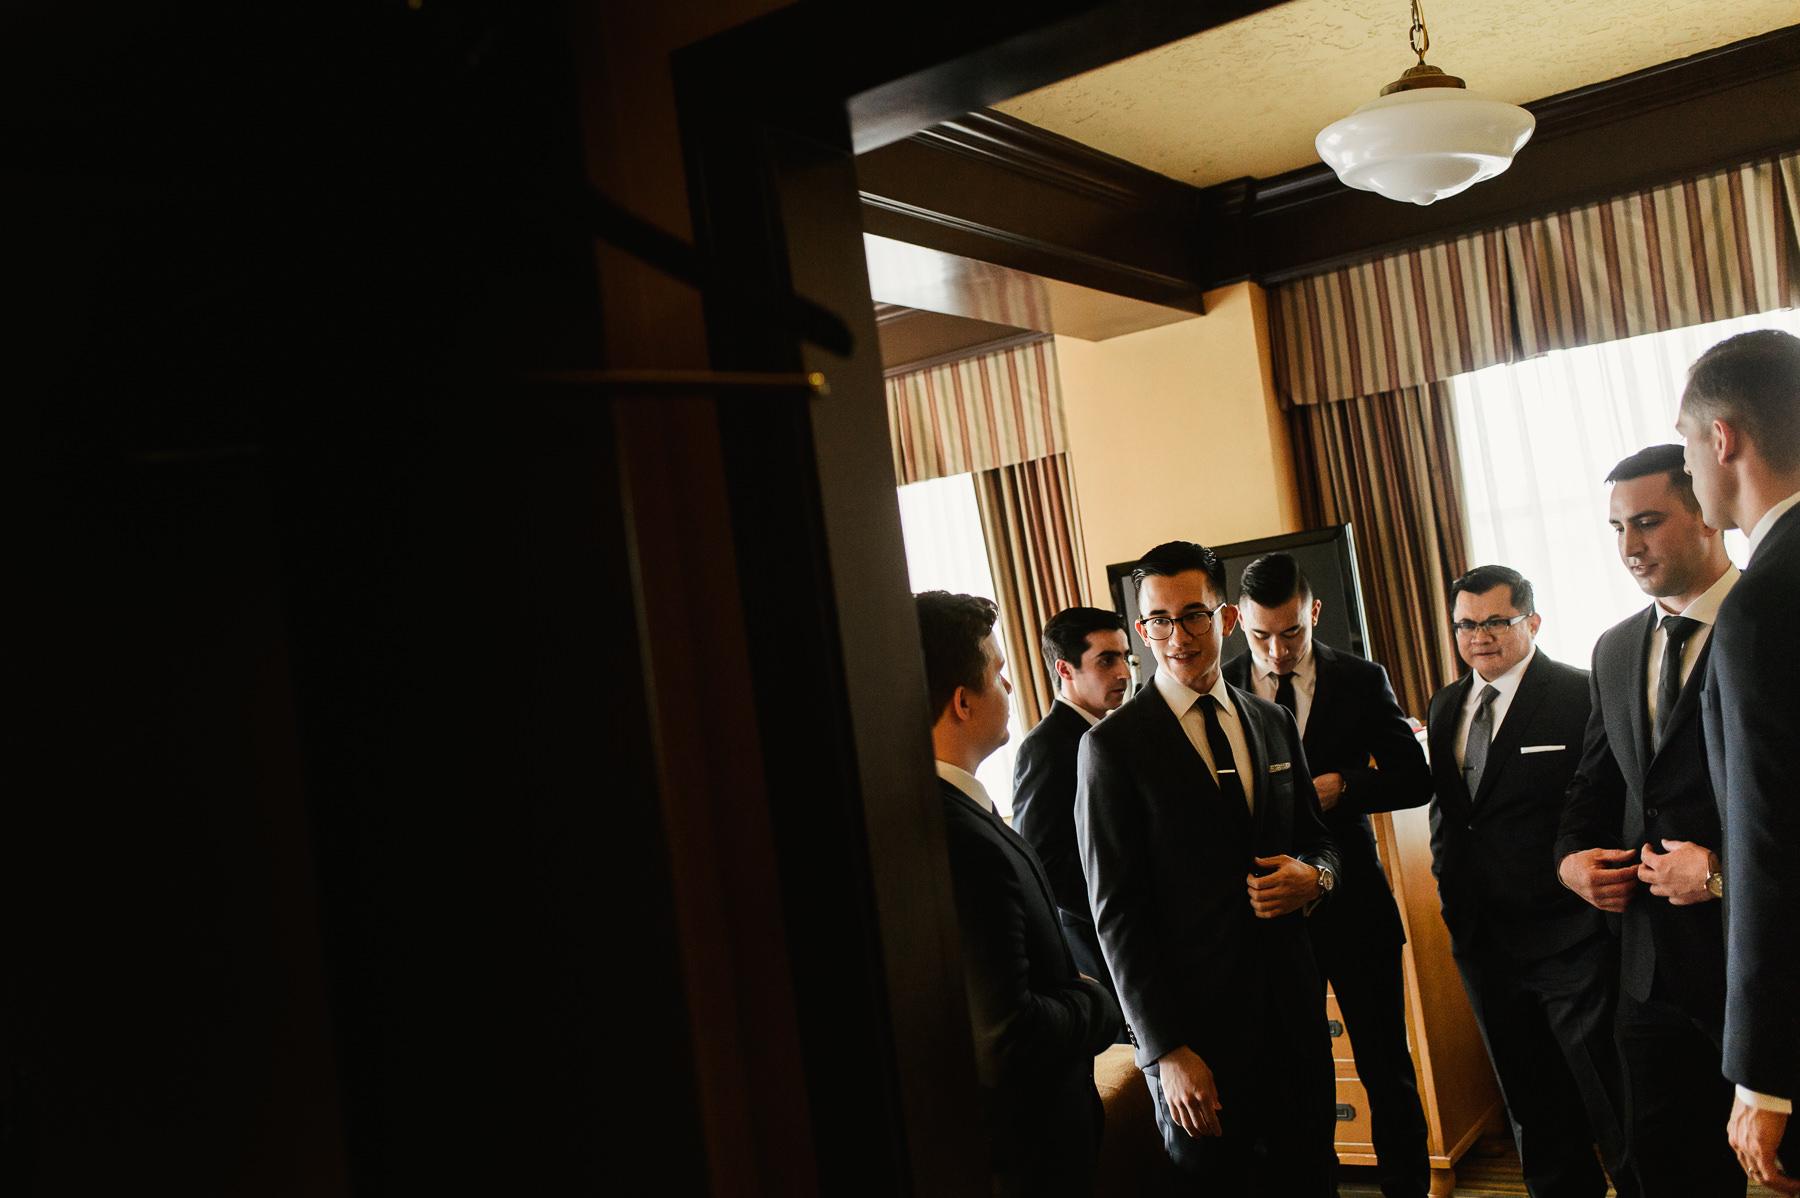 arctic club hotel grooms men